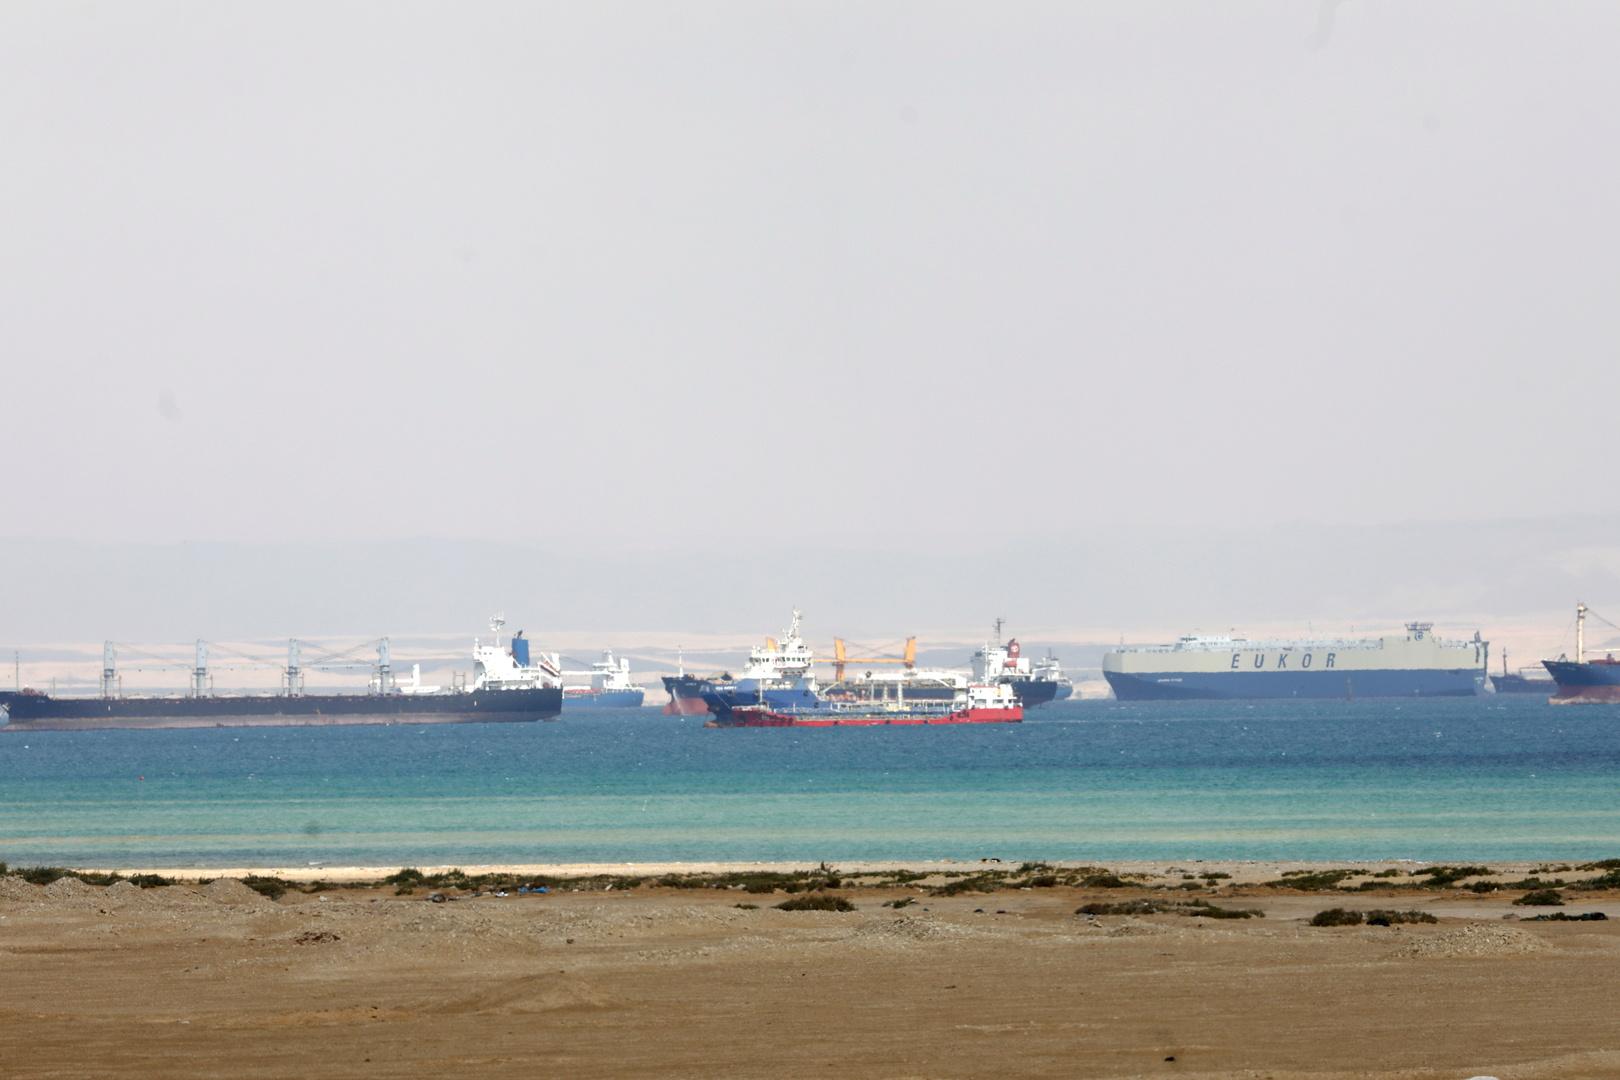 هيئة قناة السويس تكشف حجم الخسارة اليومية للقناة والإجراءات التي قد تتخذها حيال السفن العالقة